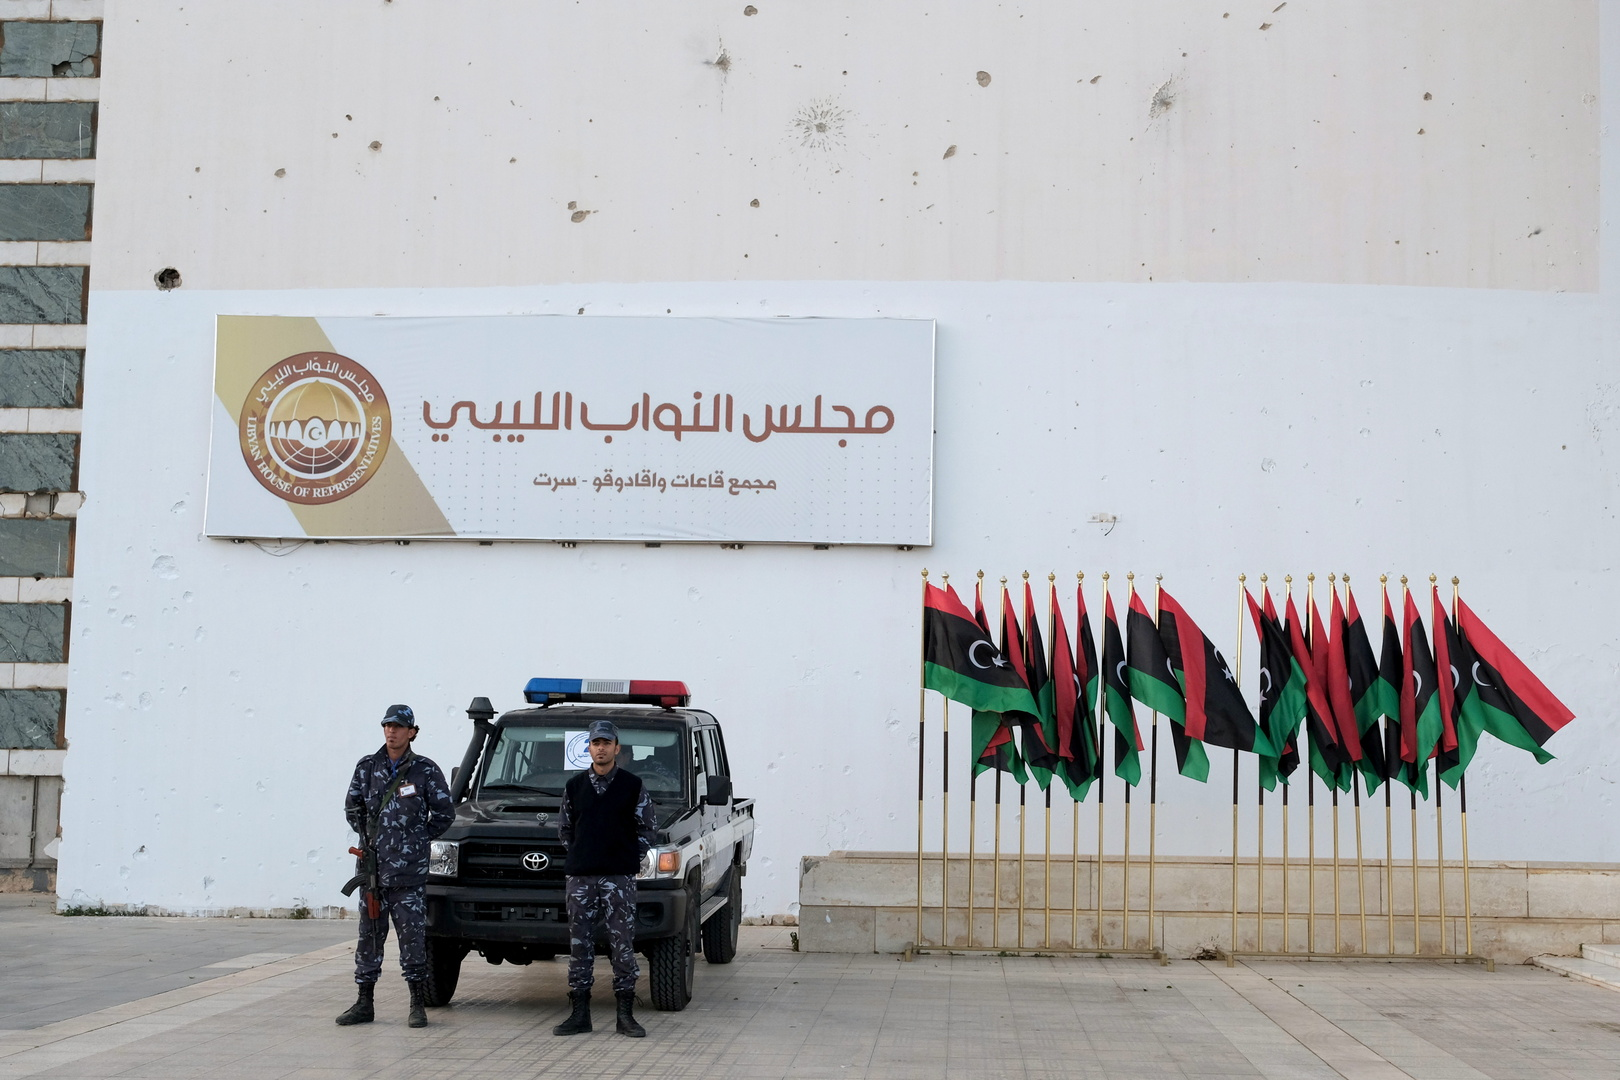 ليبيا.. بيان أوروبي أمريكي يرحب بمنح الثقة للحكومة ويدعو لانسحاب المقاتلين الأجانب